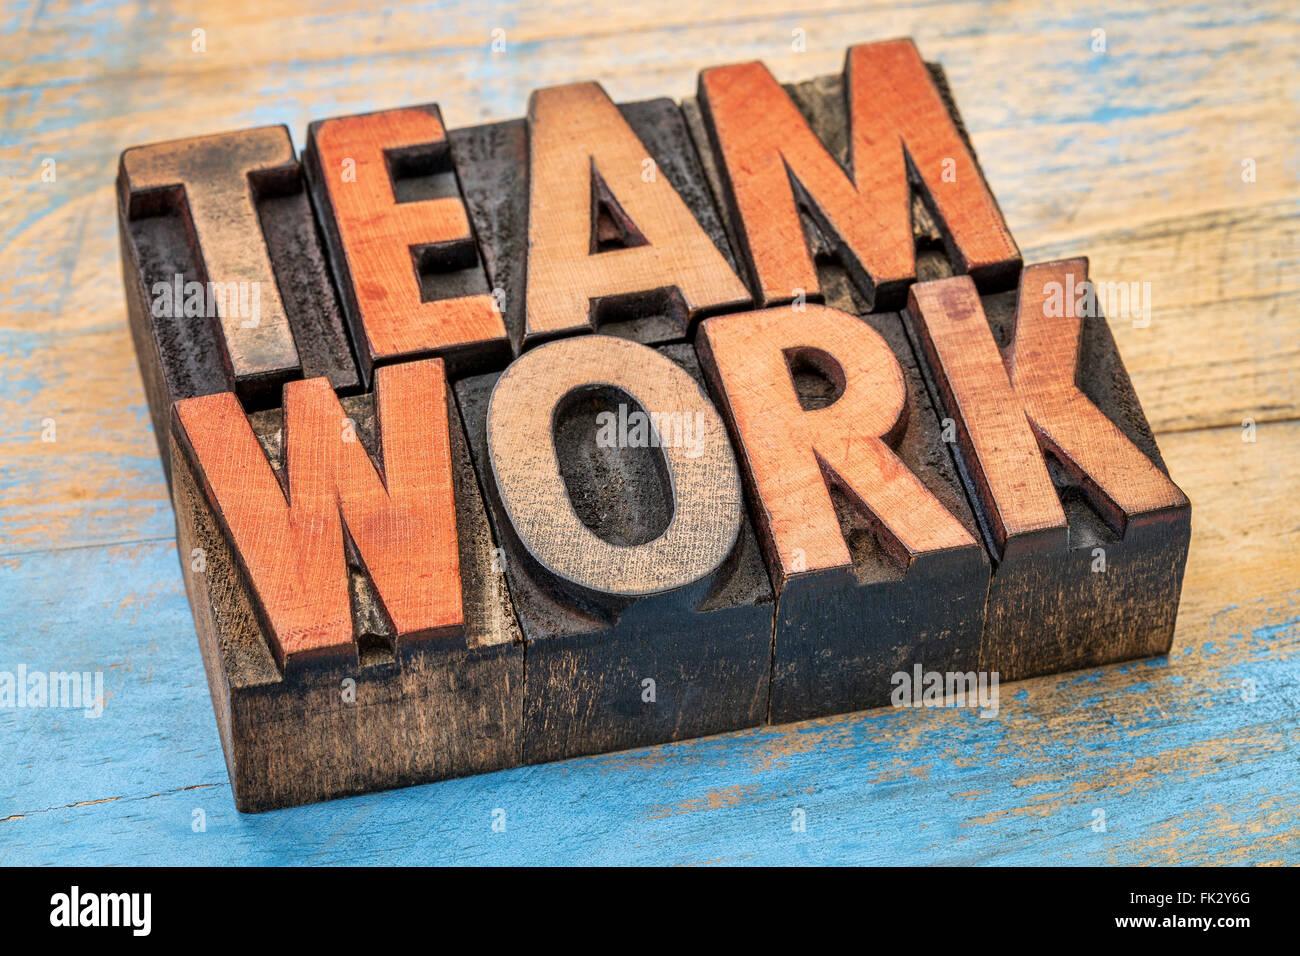 Il lavoro di squadra parola abstract in rilievografia vintage tipo legno blocchi di stampa colorati da inchiostri Immagini Stock